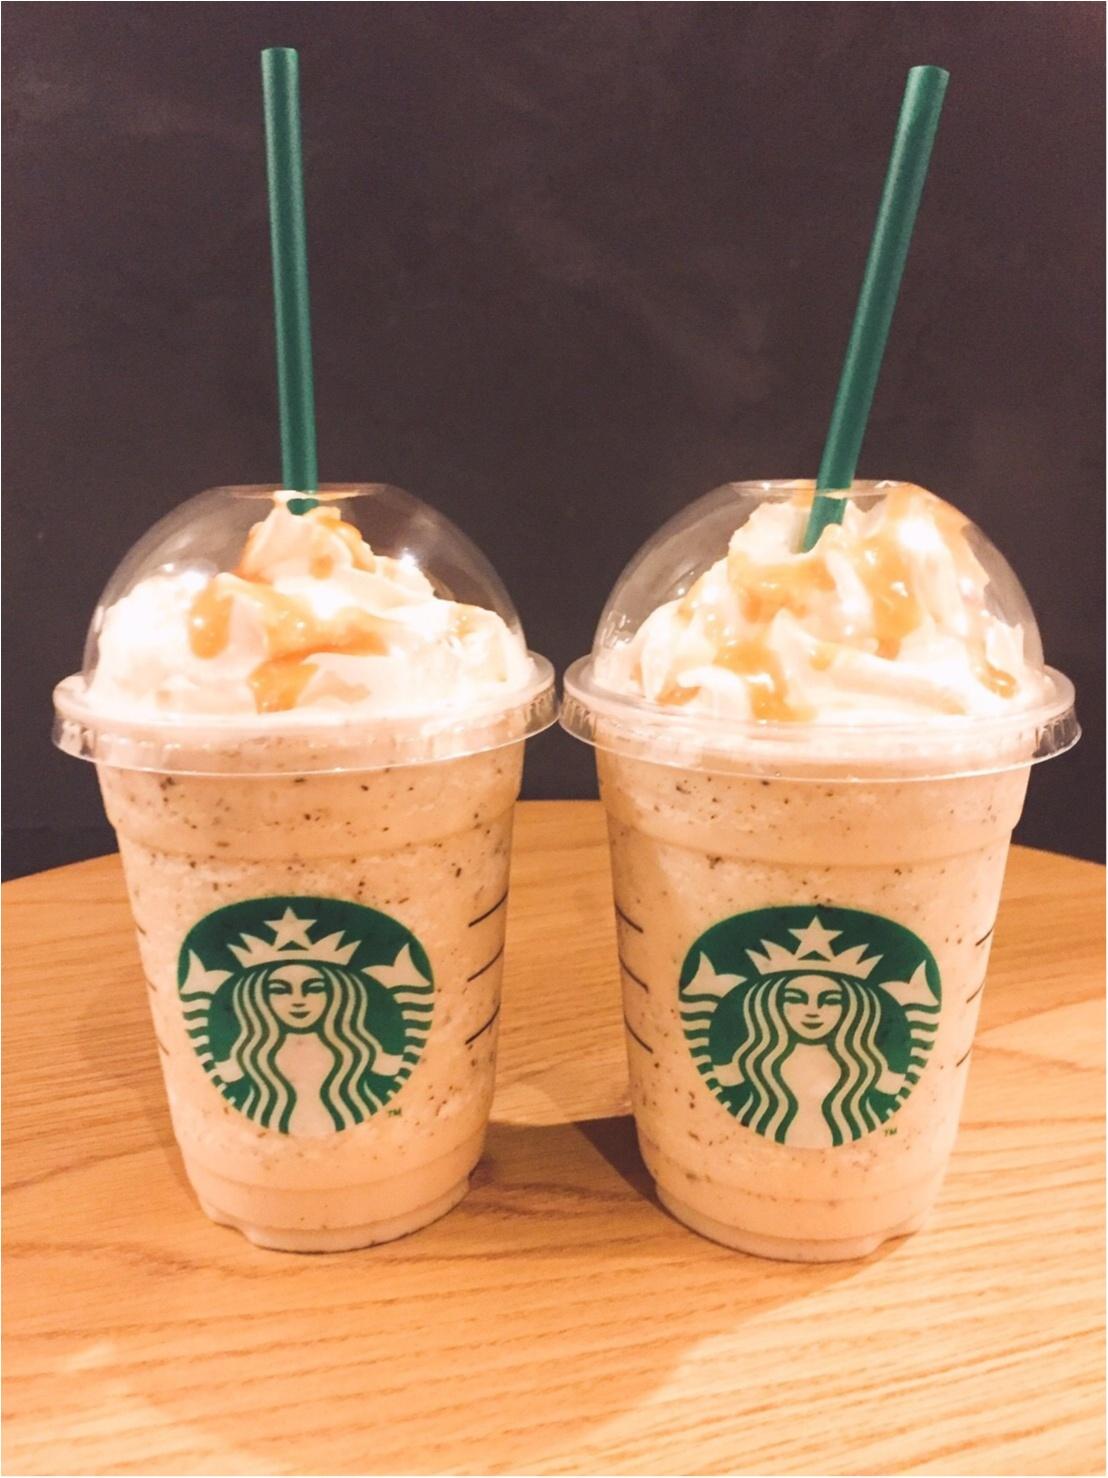 【スタバ】ほうじ茶クリームフラペチーノはどこか懐かしい◯◯の味がする♡♡_2